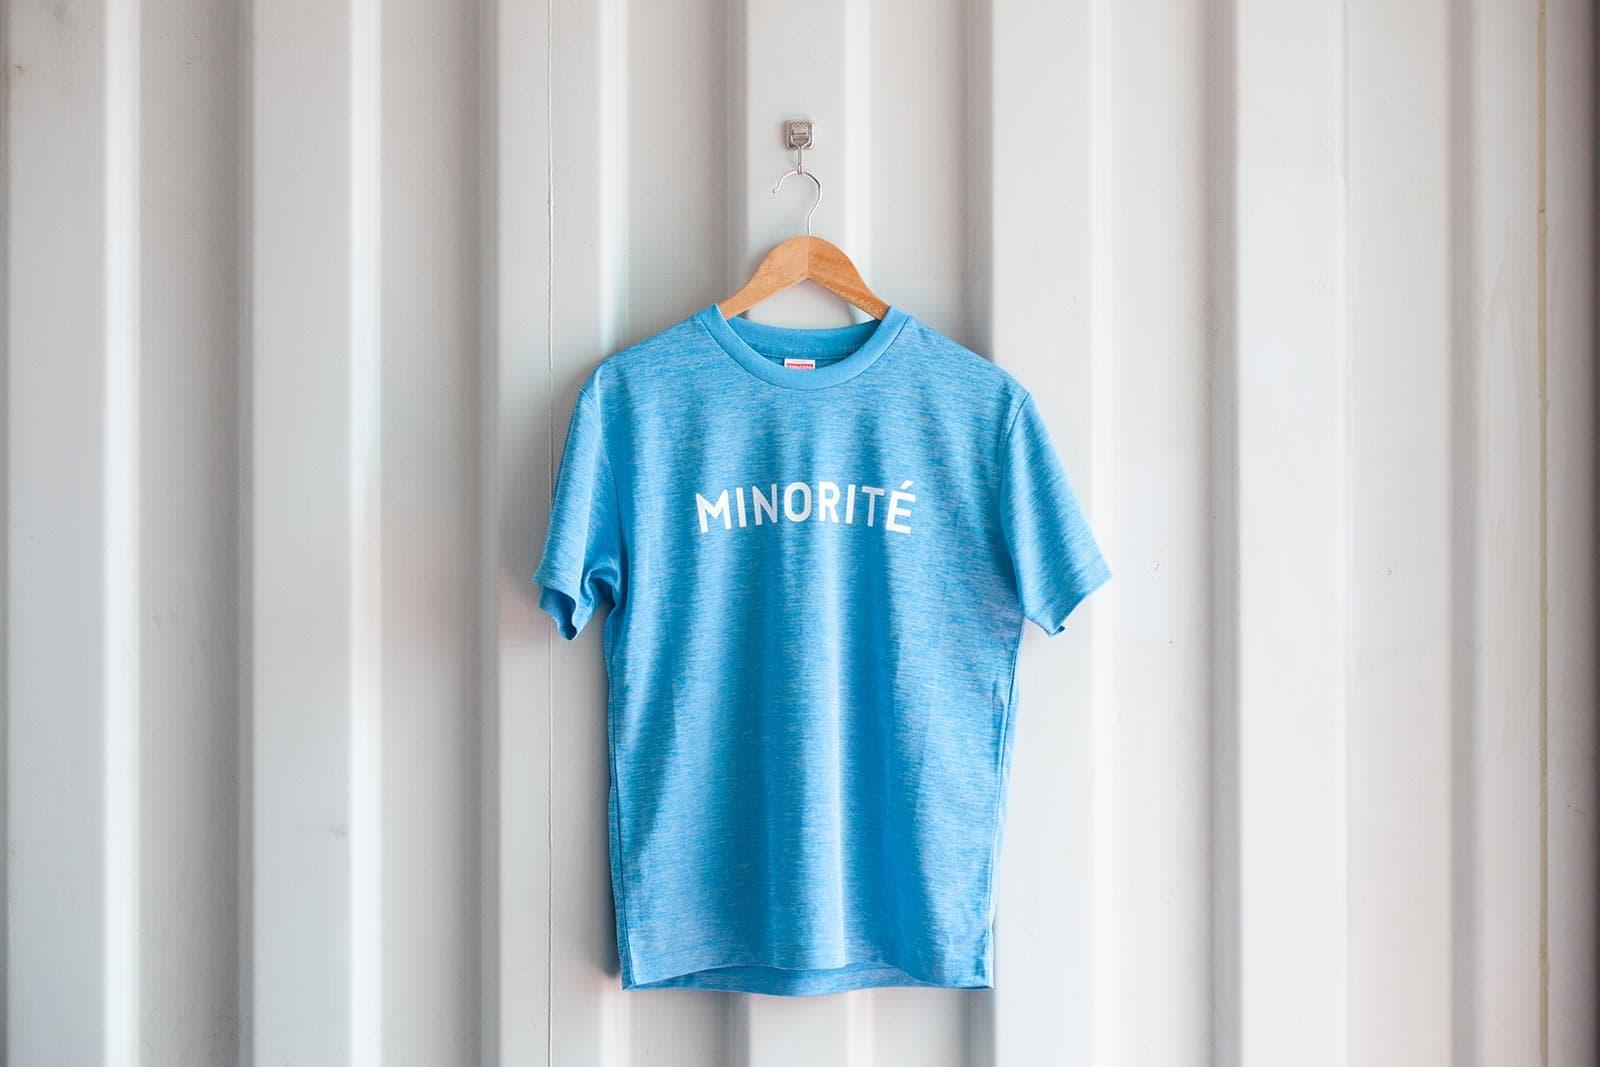 ミノリテロゴTシャツ/ヘザーブルー表